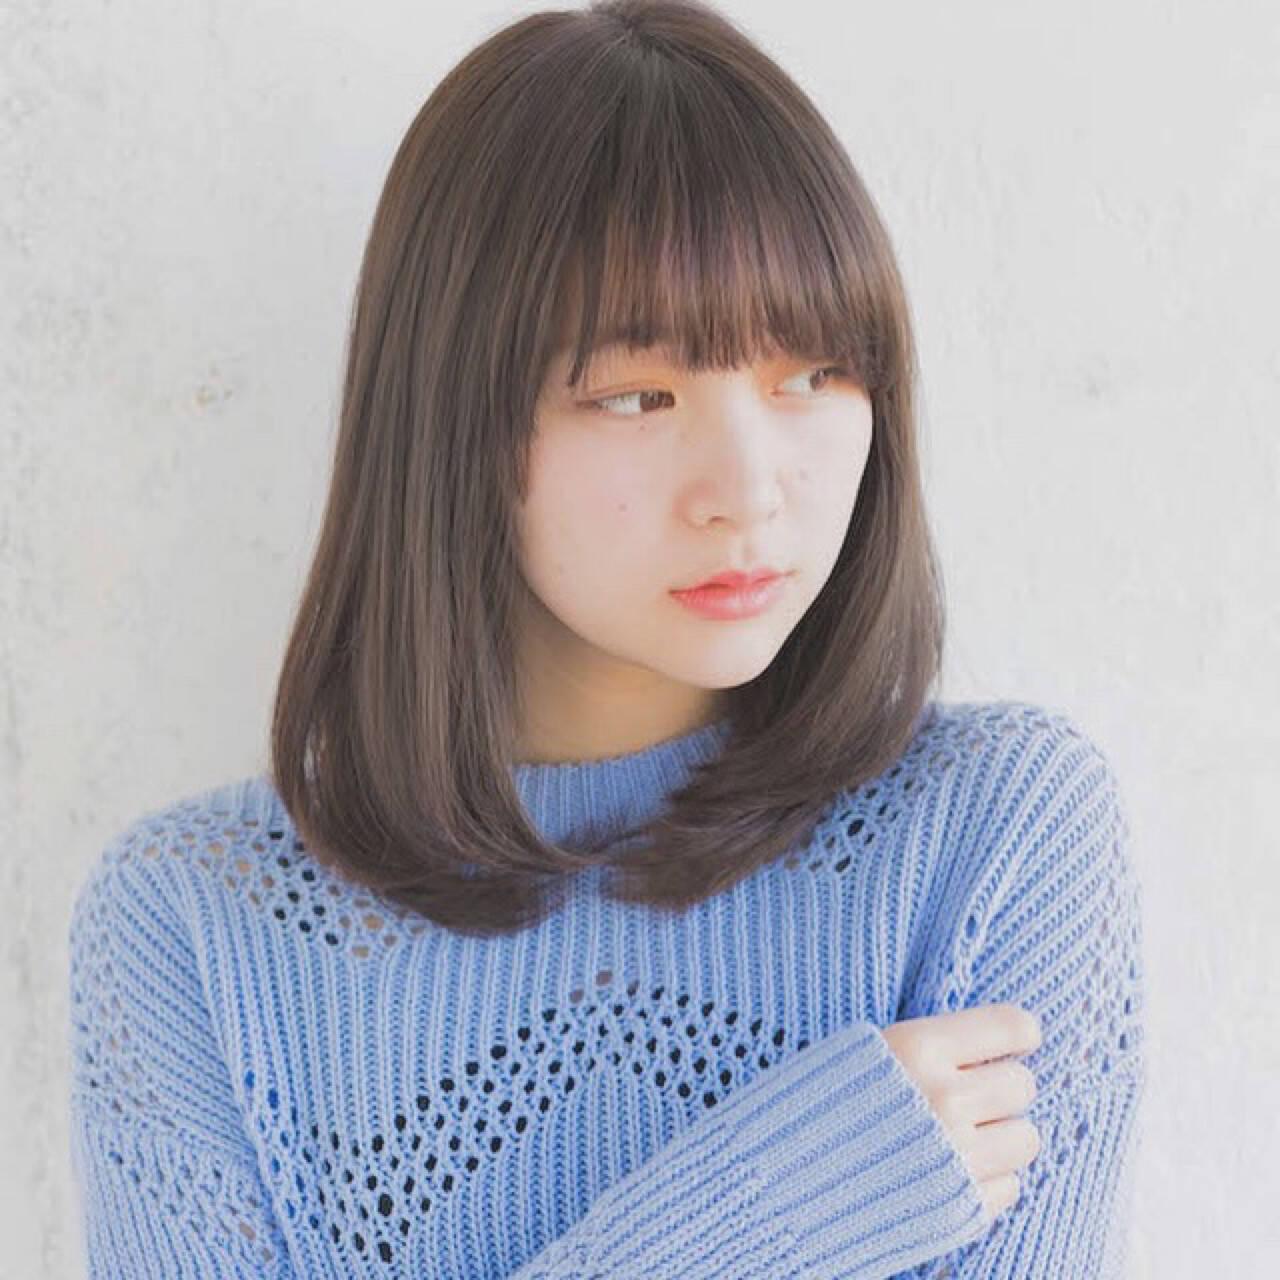 ミディアム デート ロブ オフィスヘアスタイルや髪型の写真・画像